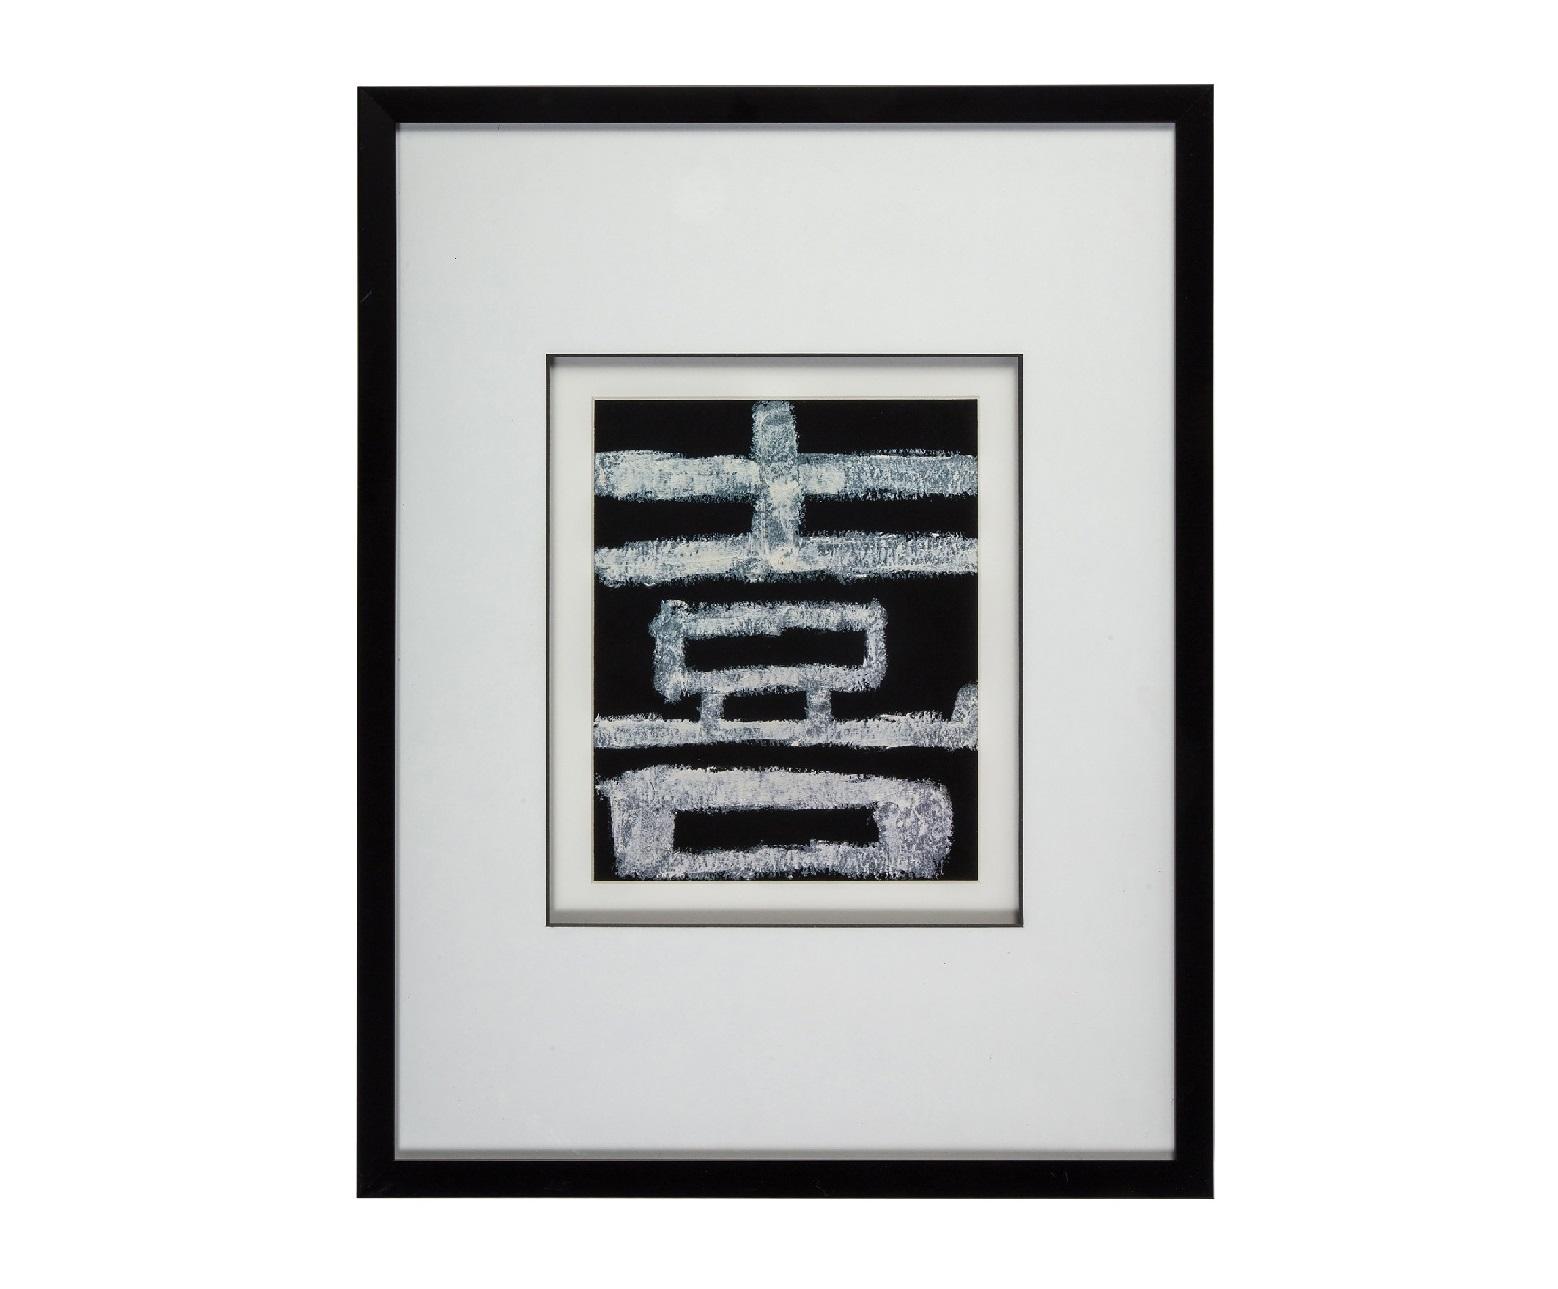 Постер с паспарту в раме HappinessПостеры<br>&amp;quot;Happiness&amp;quot; ? постер, который сможет привнести в ваш дом частицу счастья. Белые иероглифы, изображенные на темном фоне, покорят вас не только тем, что будут приманивать удачу. Декор произведет на вас впечатление и благодаря отменному качеству исполнения каждой детали.&amp;amp;nbsp;&amp;amp;nbsp;&amp;lt;div&amp;gt;&amp;lt;br&amp;gt;&amp;lt;/div&amp;gt;&amp;lt;div&amp;gt;Рама - дерево.&amp;lt;/div&amp;gt;<br><br>Material: Бумага<br>Width см: 44<br>Depth см: 3<br>Height см: 57